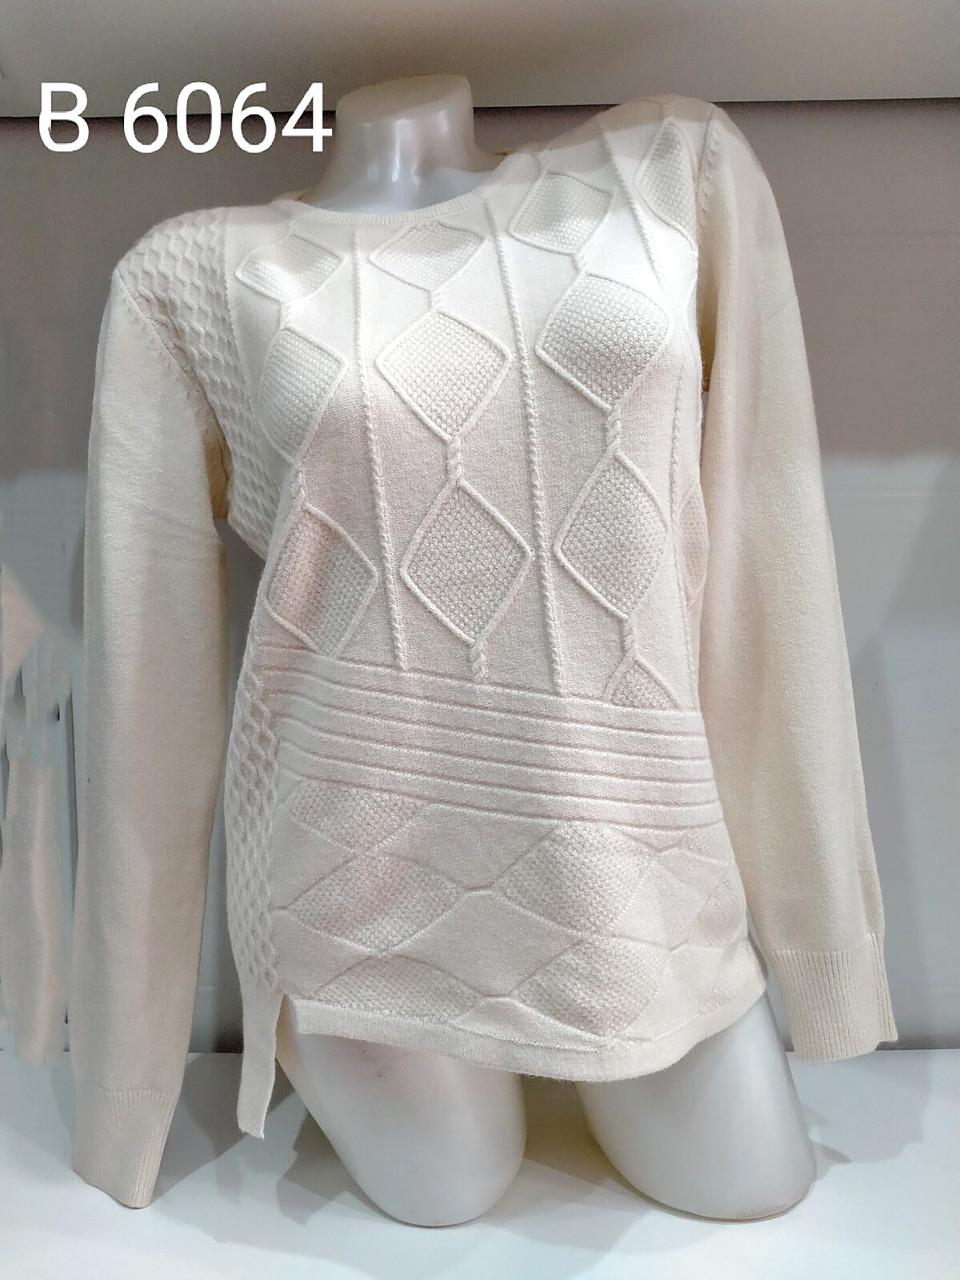 Повседневный свитер с трикотажными узорами 46-52 (в расцветках)